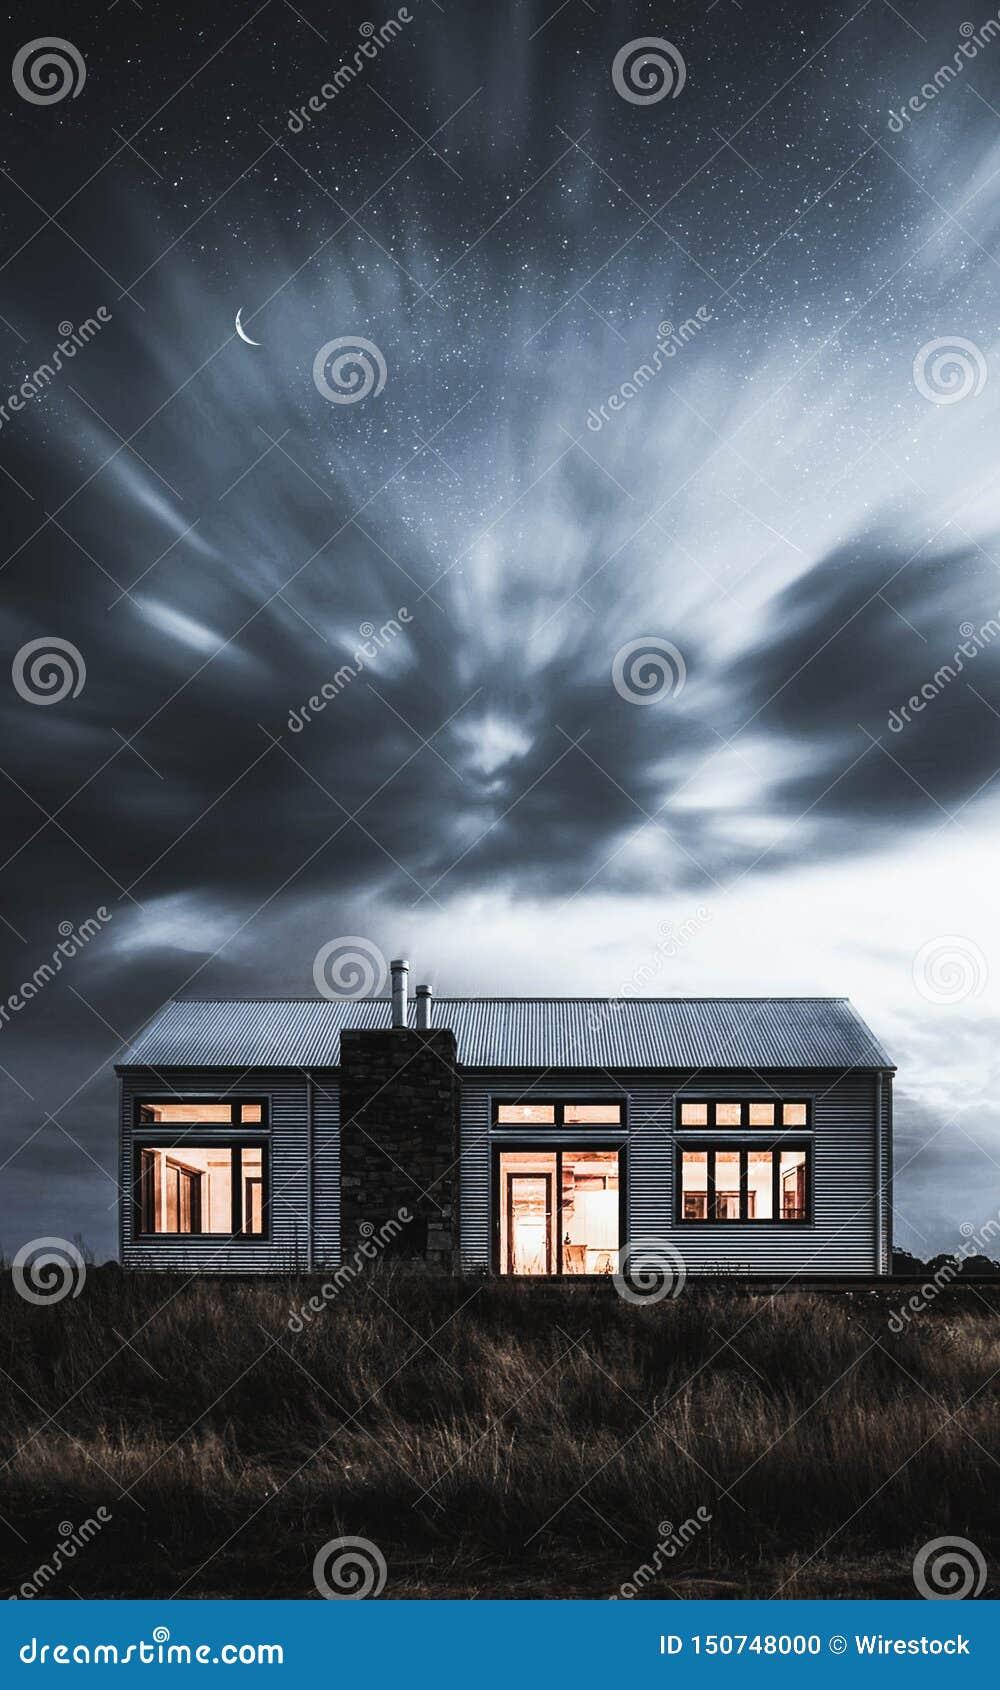 Загадочный дом со светами дальше в затемненном поле